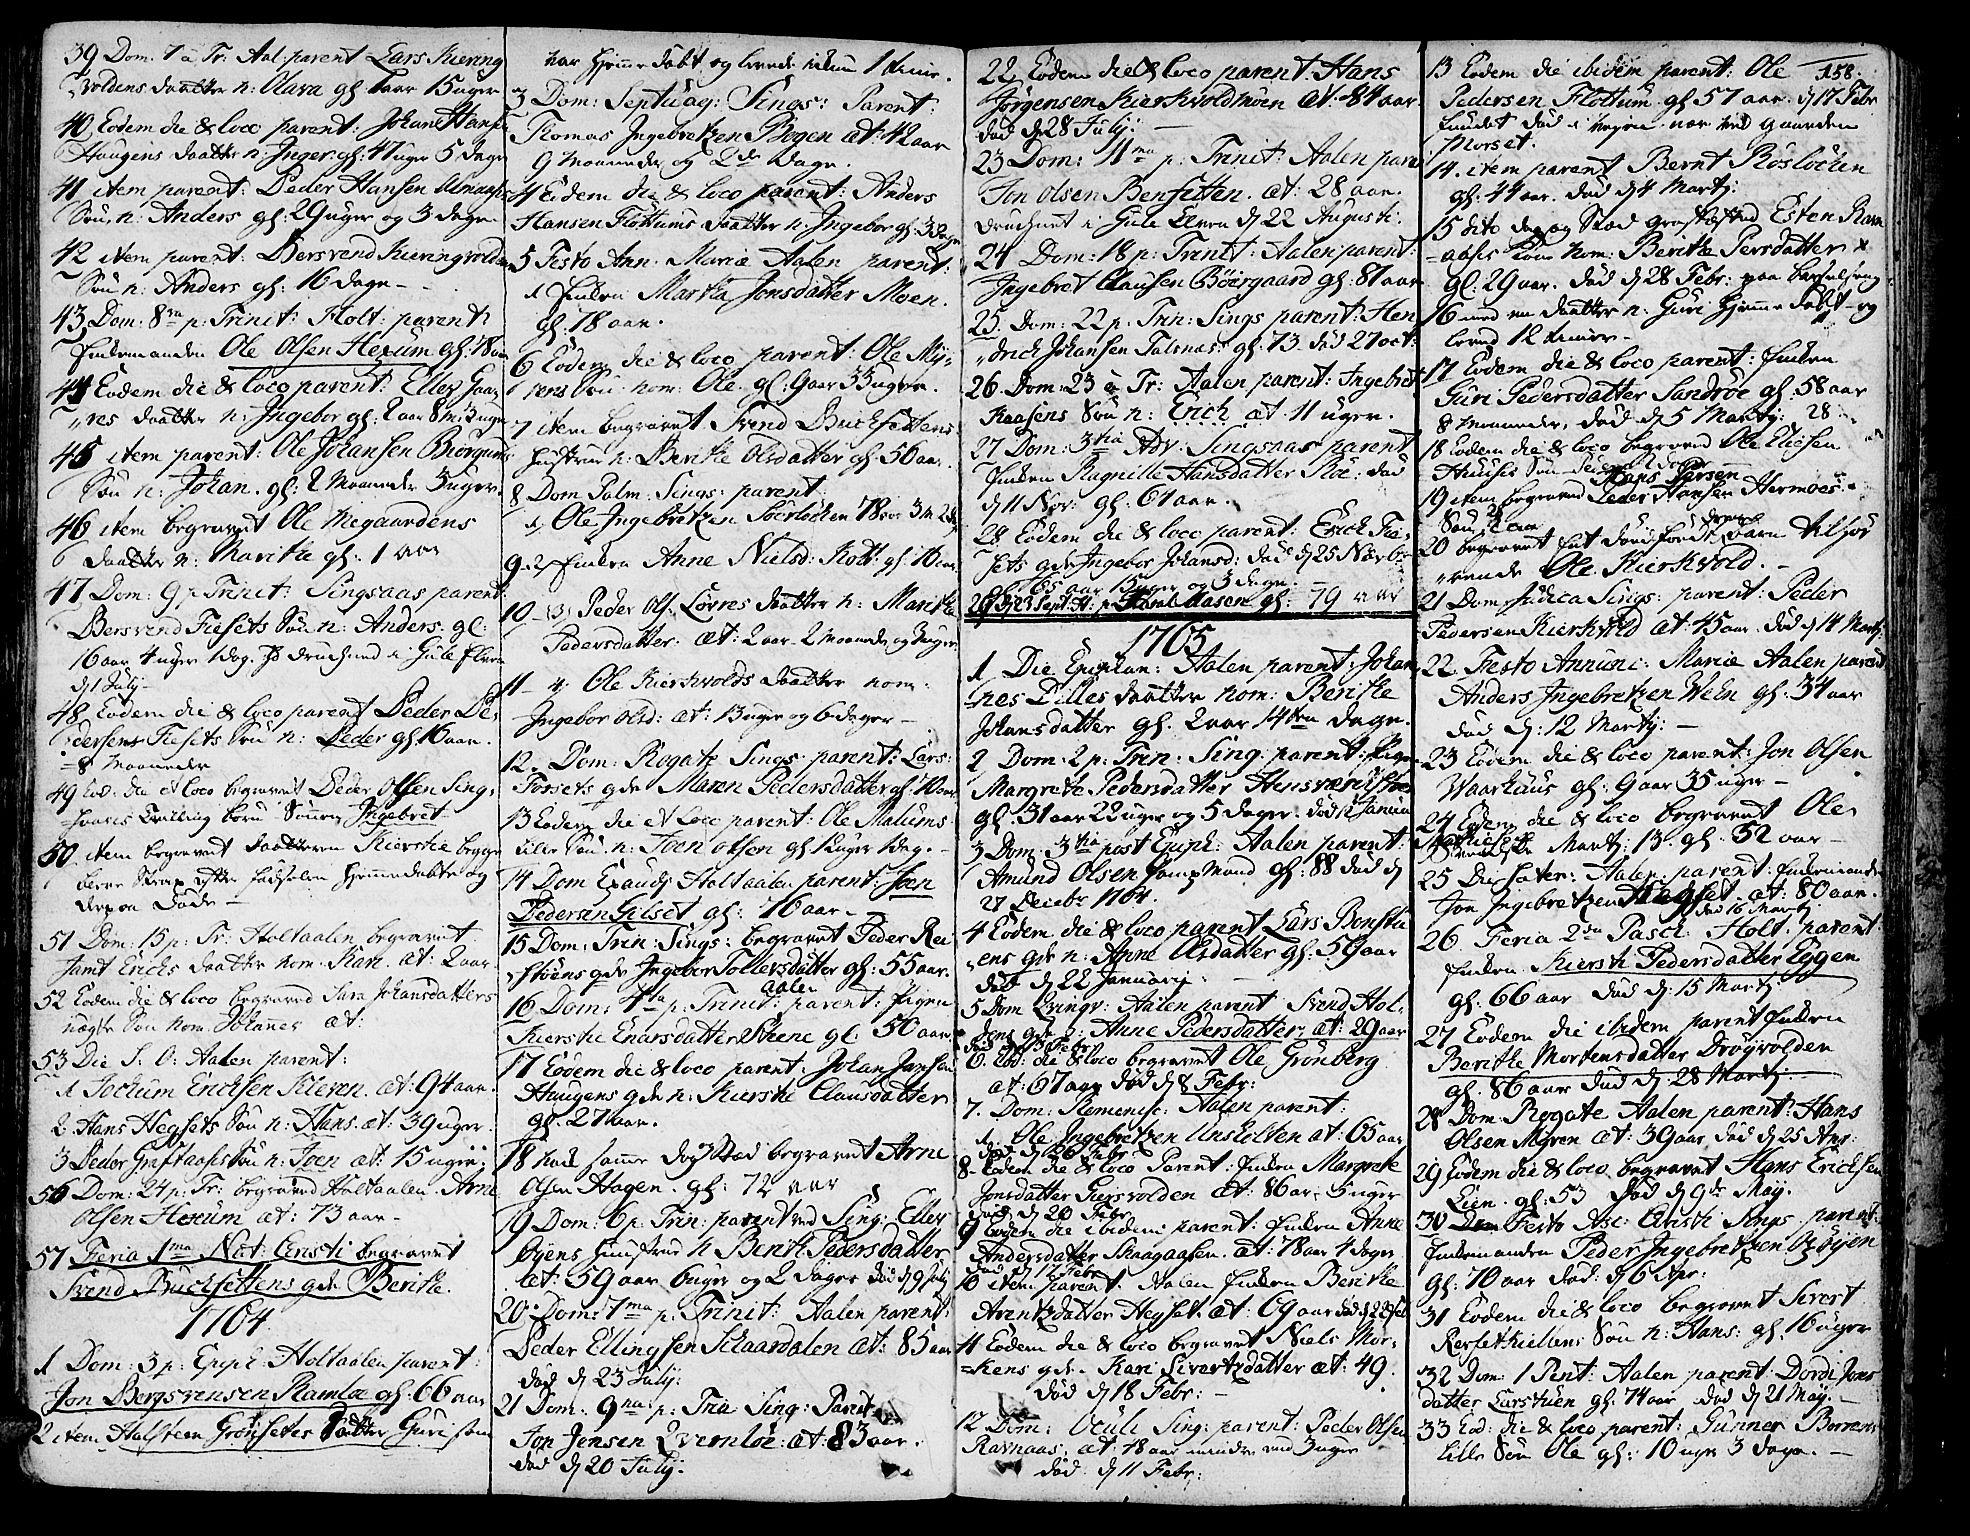 SAT, Ministerialprotokoller, klokkerbøker og fødselsregistre - Sør-Trøndelag, 685/L0952: Ministerialbok nr. 685A01, 1745-1804, s. 158